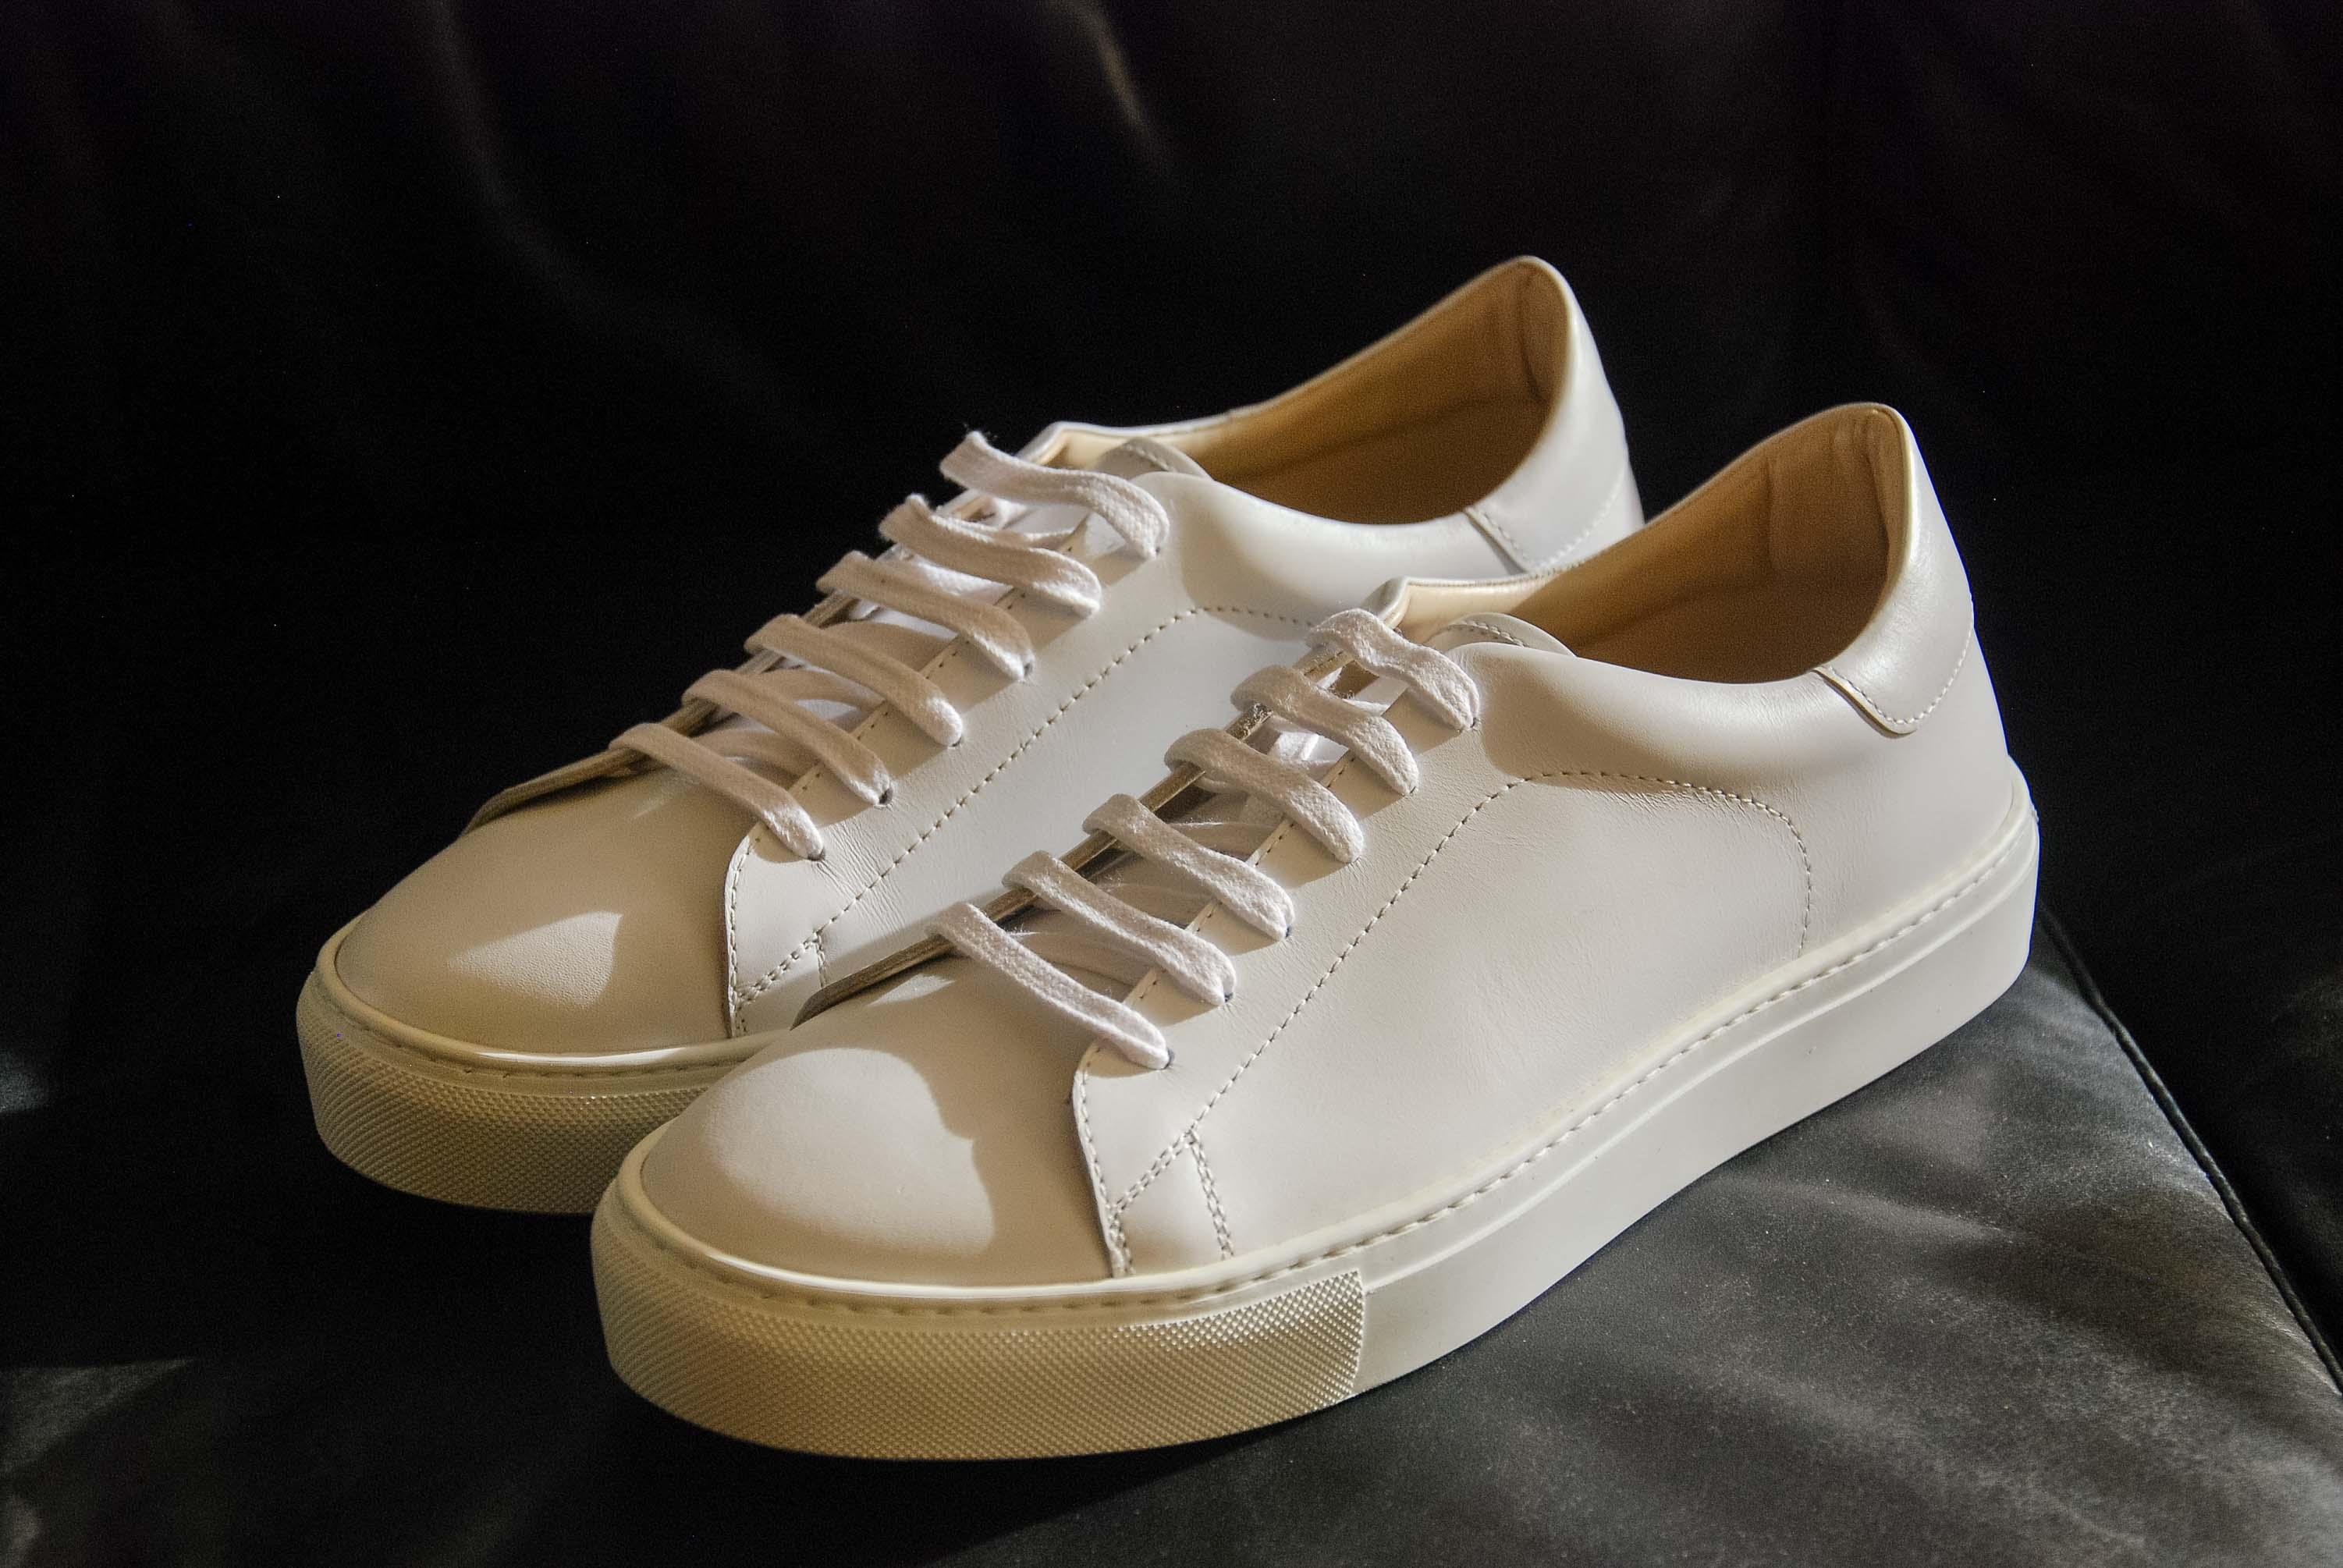 Idrese Nuno sneakers